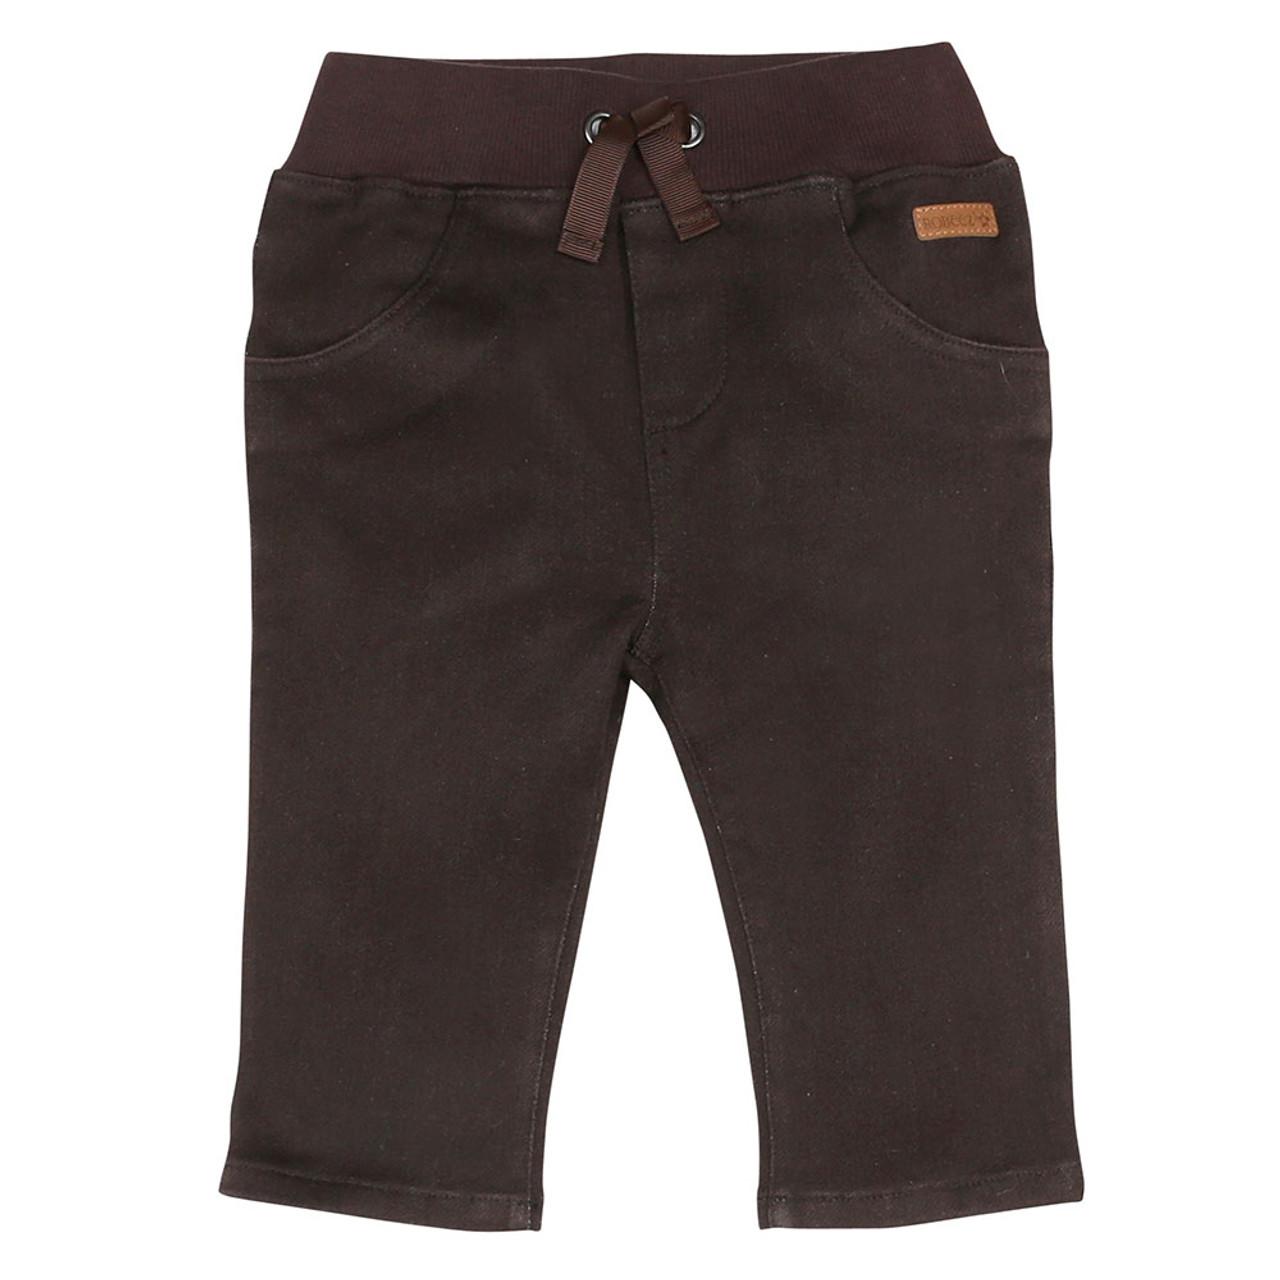 87a340eb8469 Espresso Soft Jean